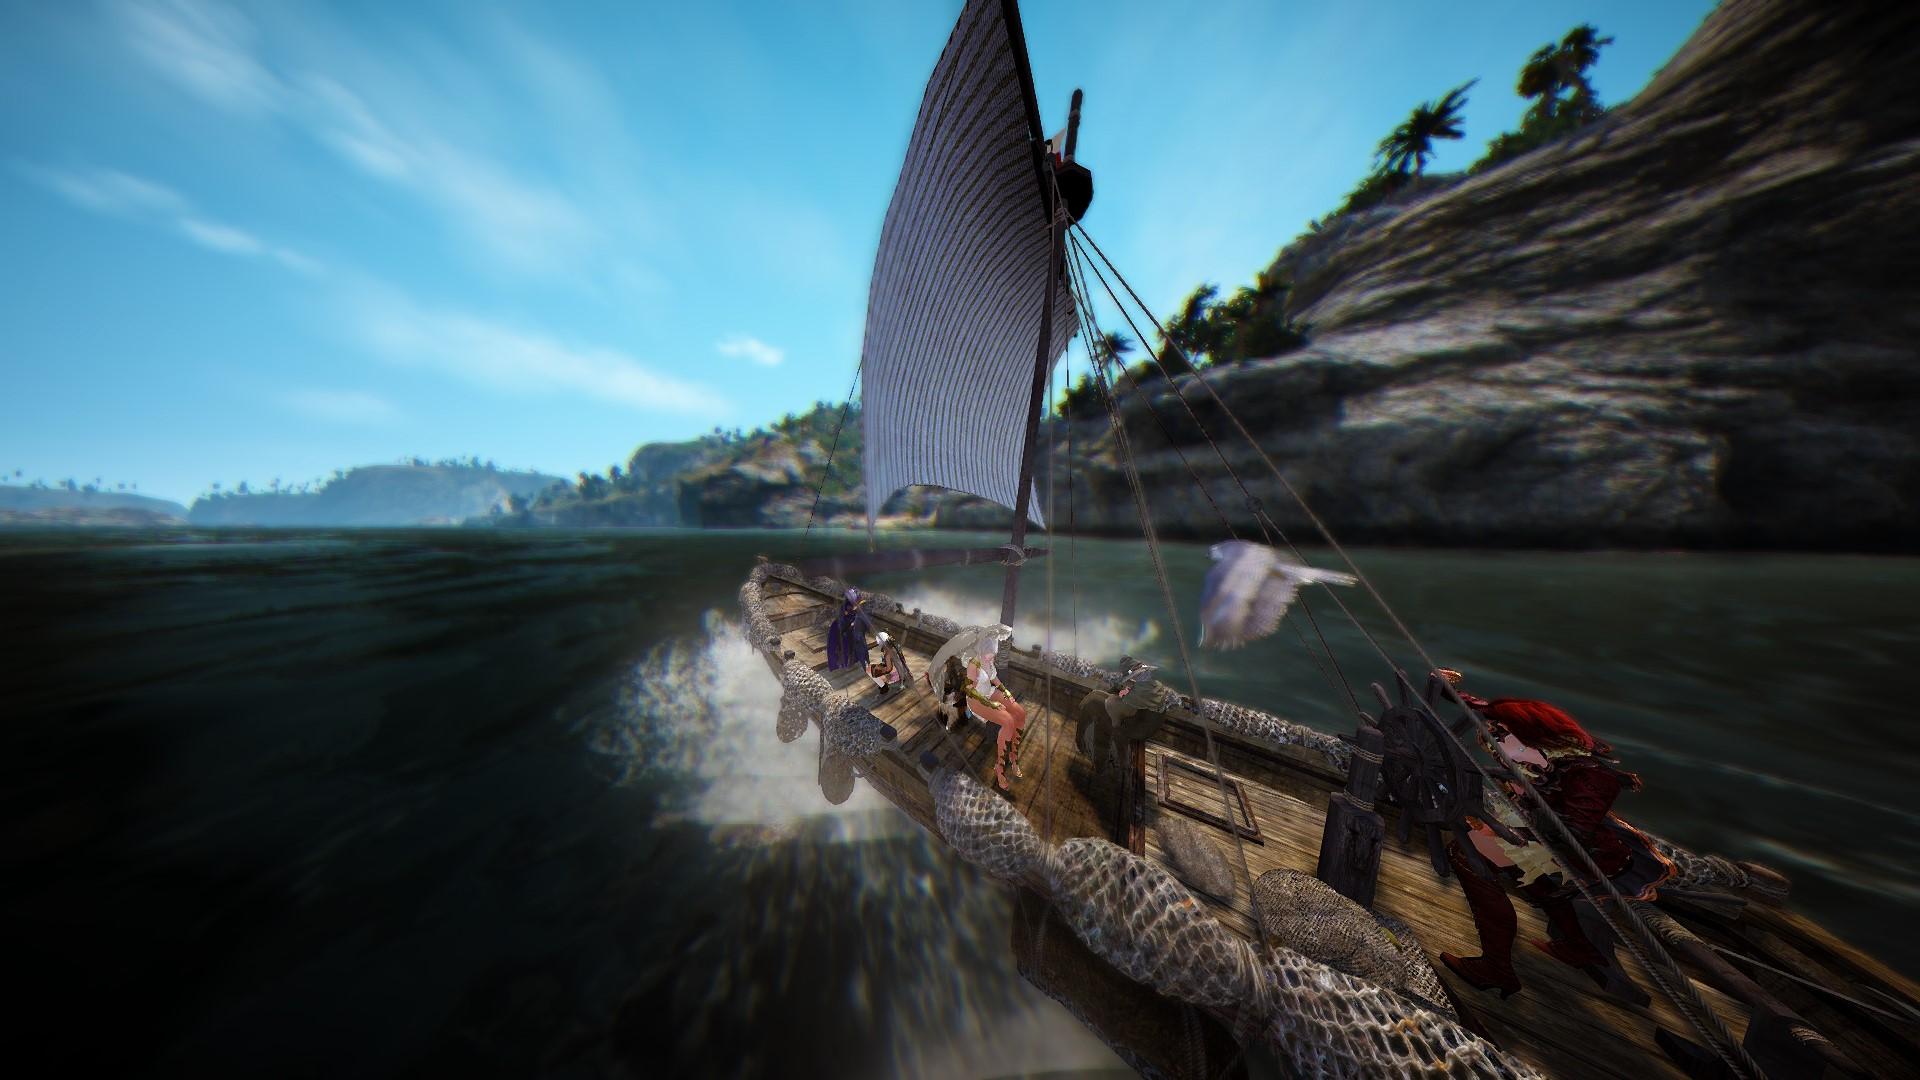 クイトゥに漁船で向かうおっさんとギルメン一行